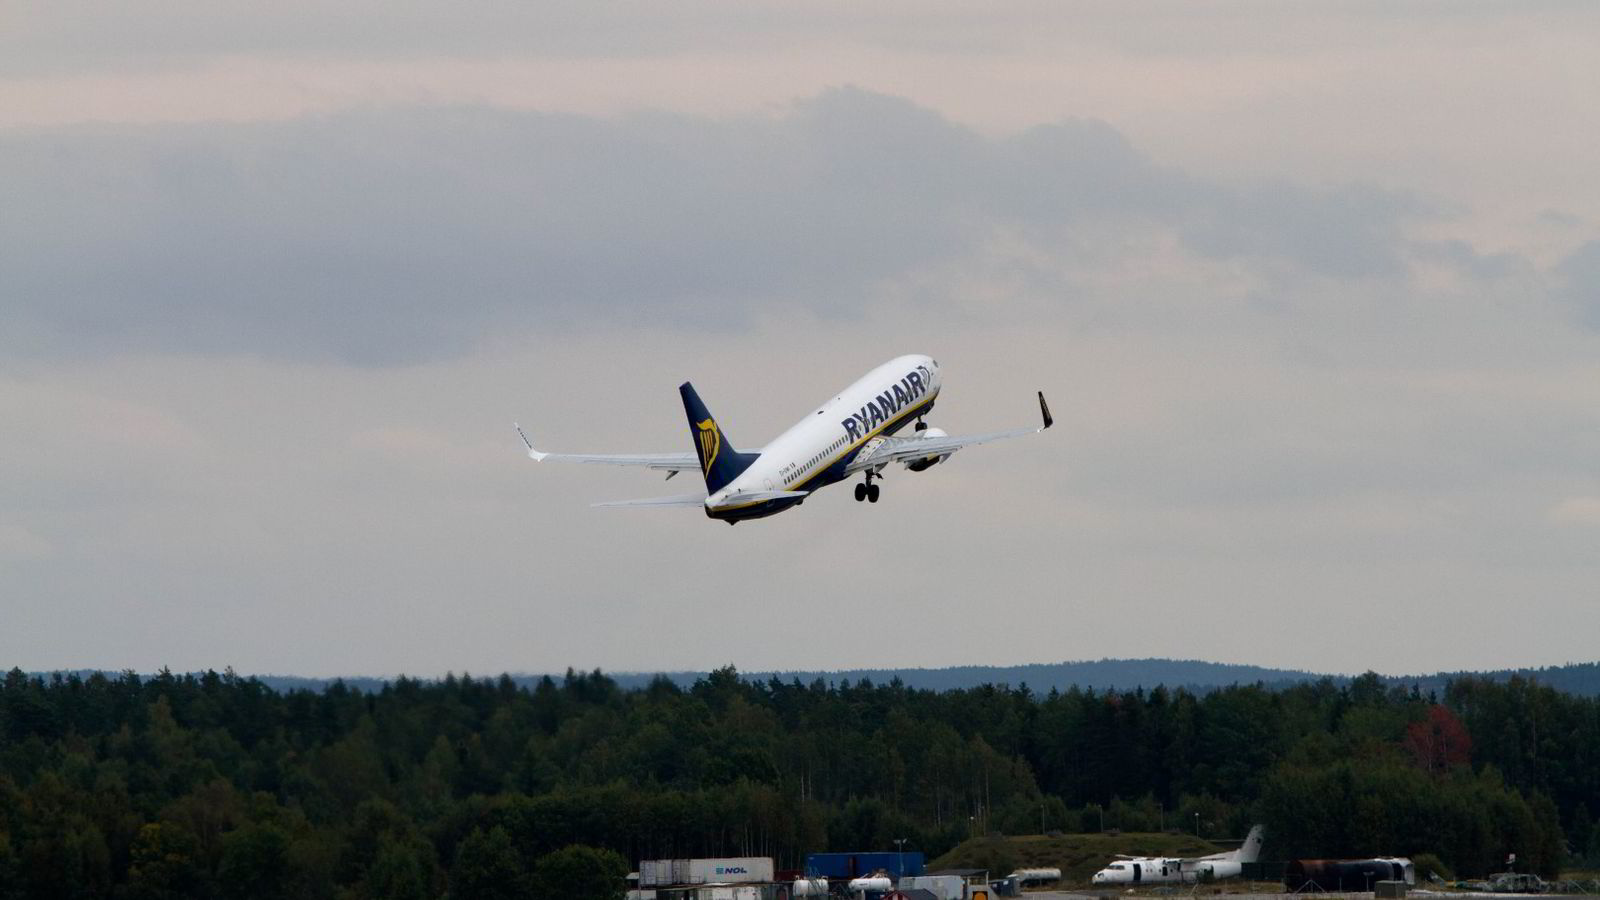 TAPTE I HØYESTERETT. Ryanair.